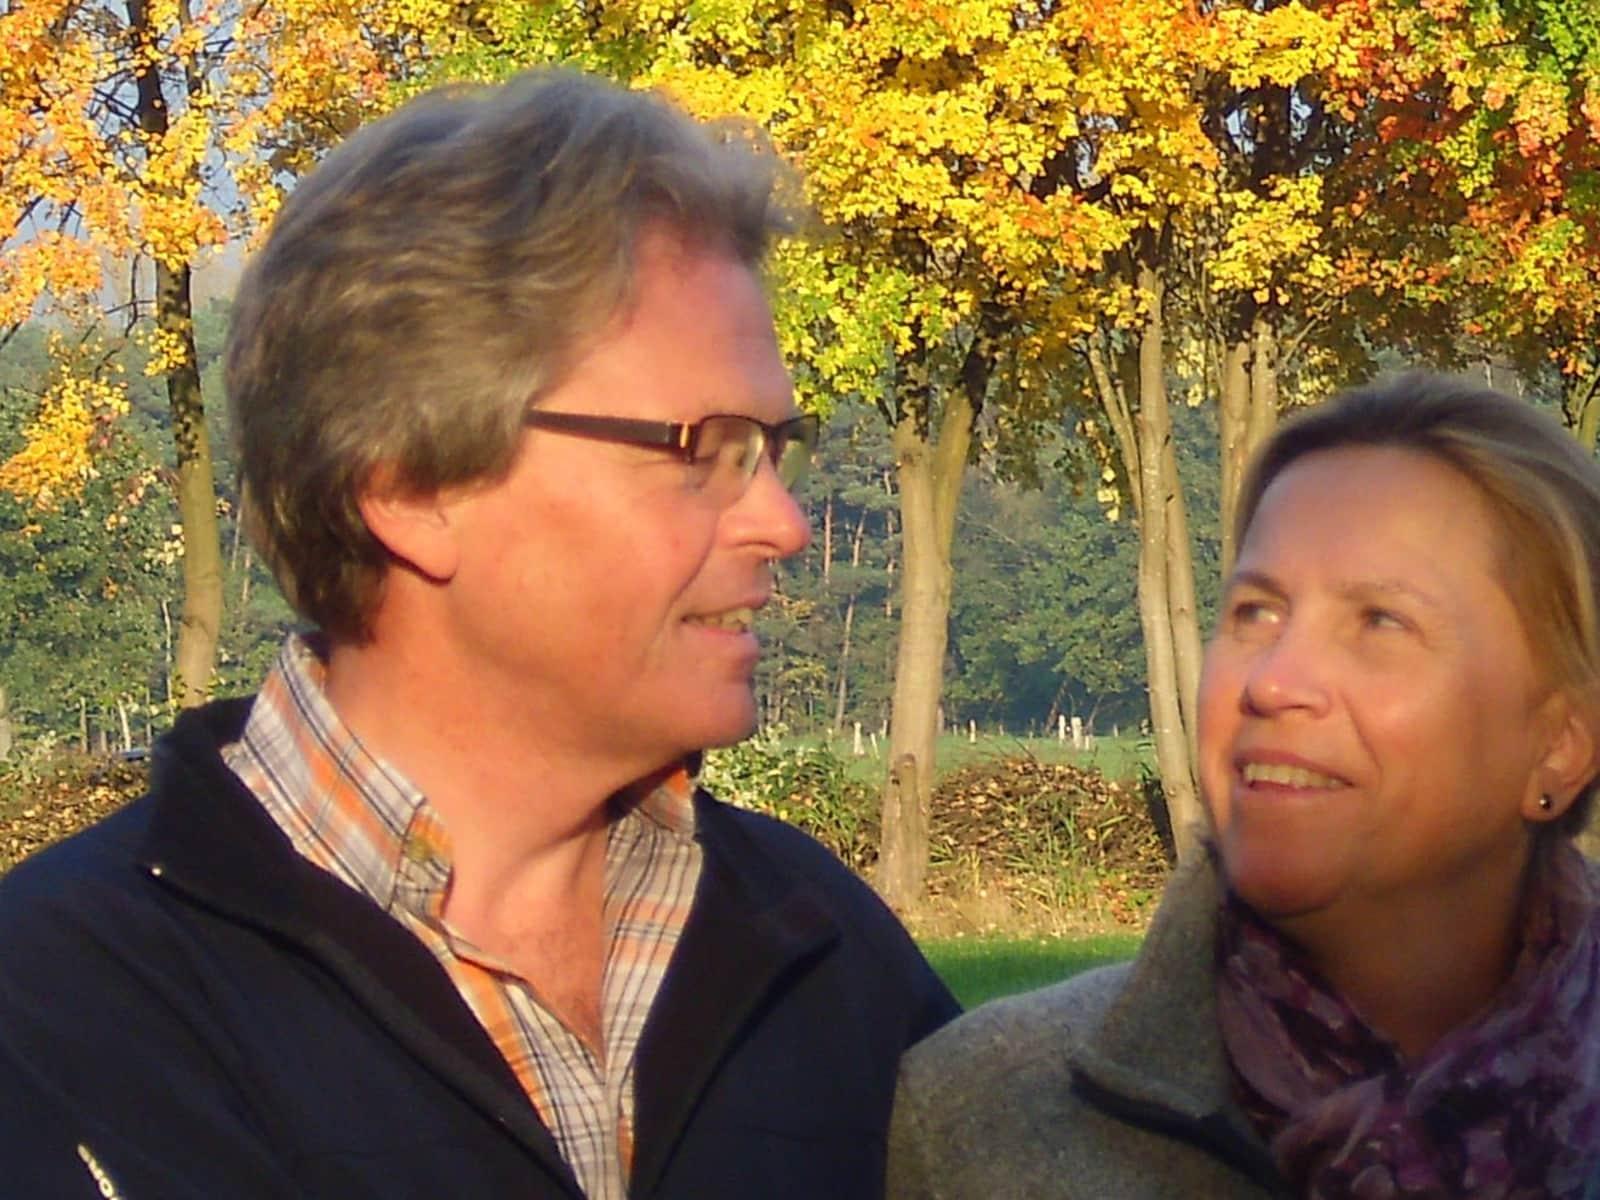 Rutger en karine & Karine from Antwerpen, Belgium